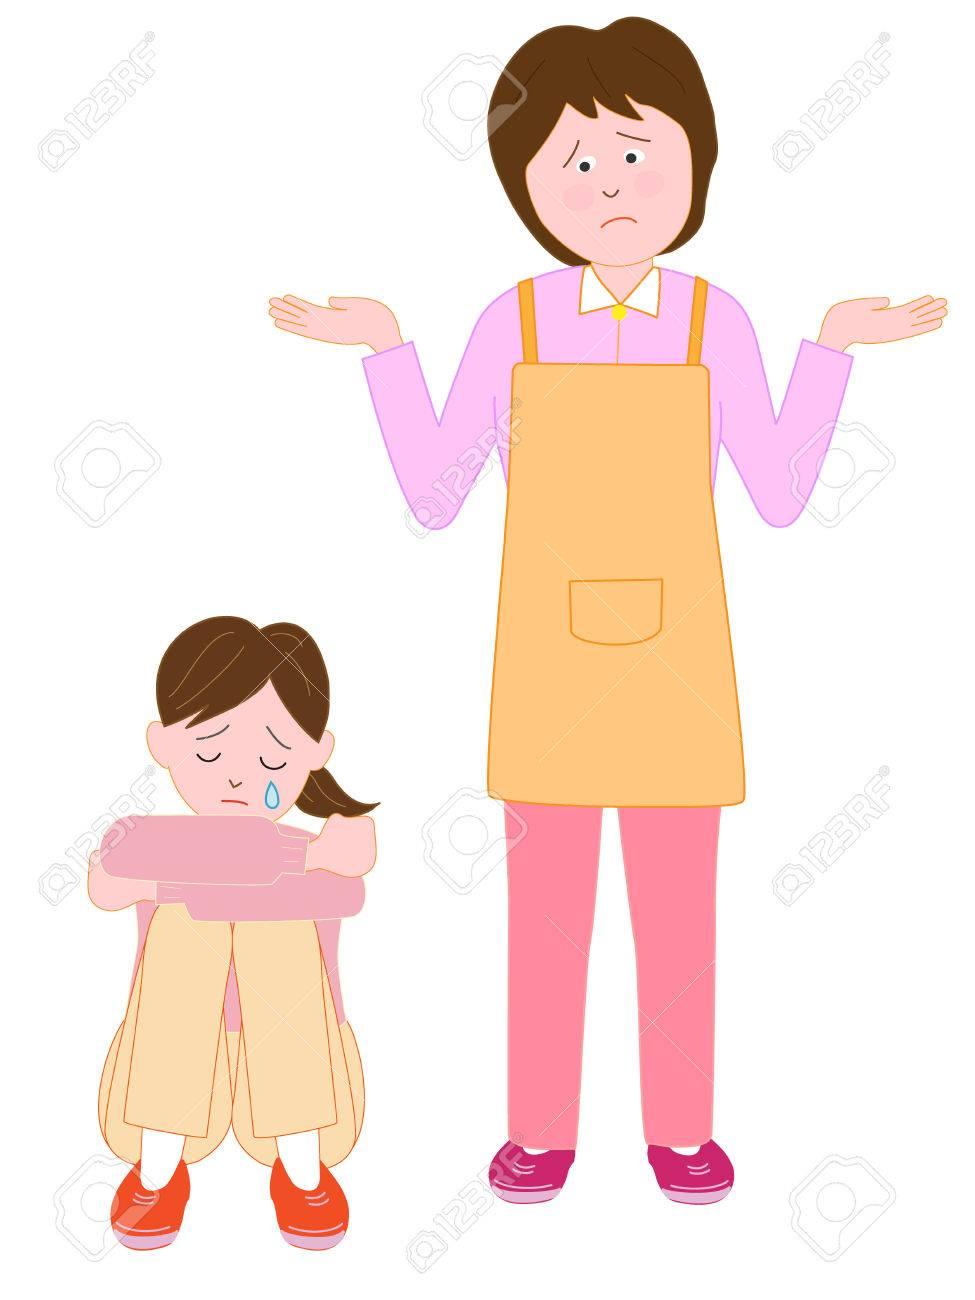 当惑の女性で泣いている子供のイラスト素材・ベクタ - Image 68298635.